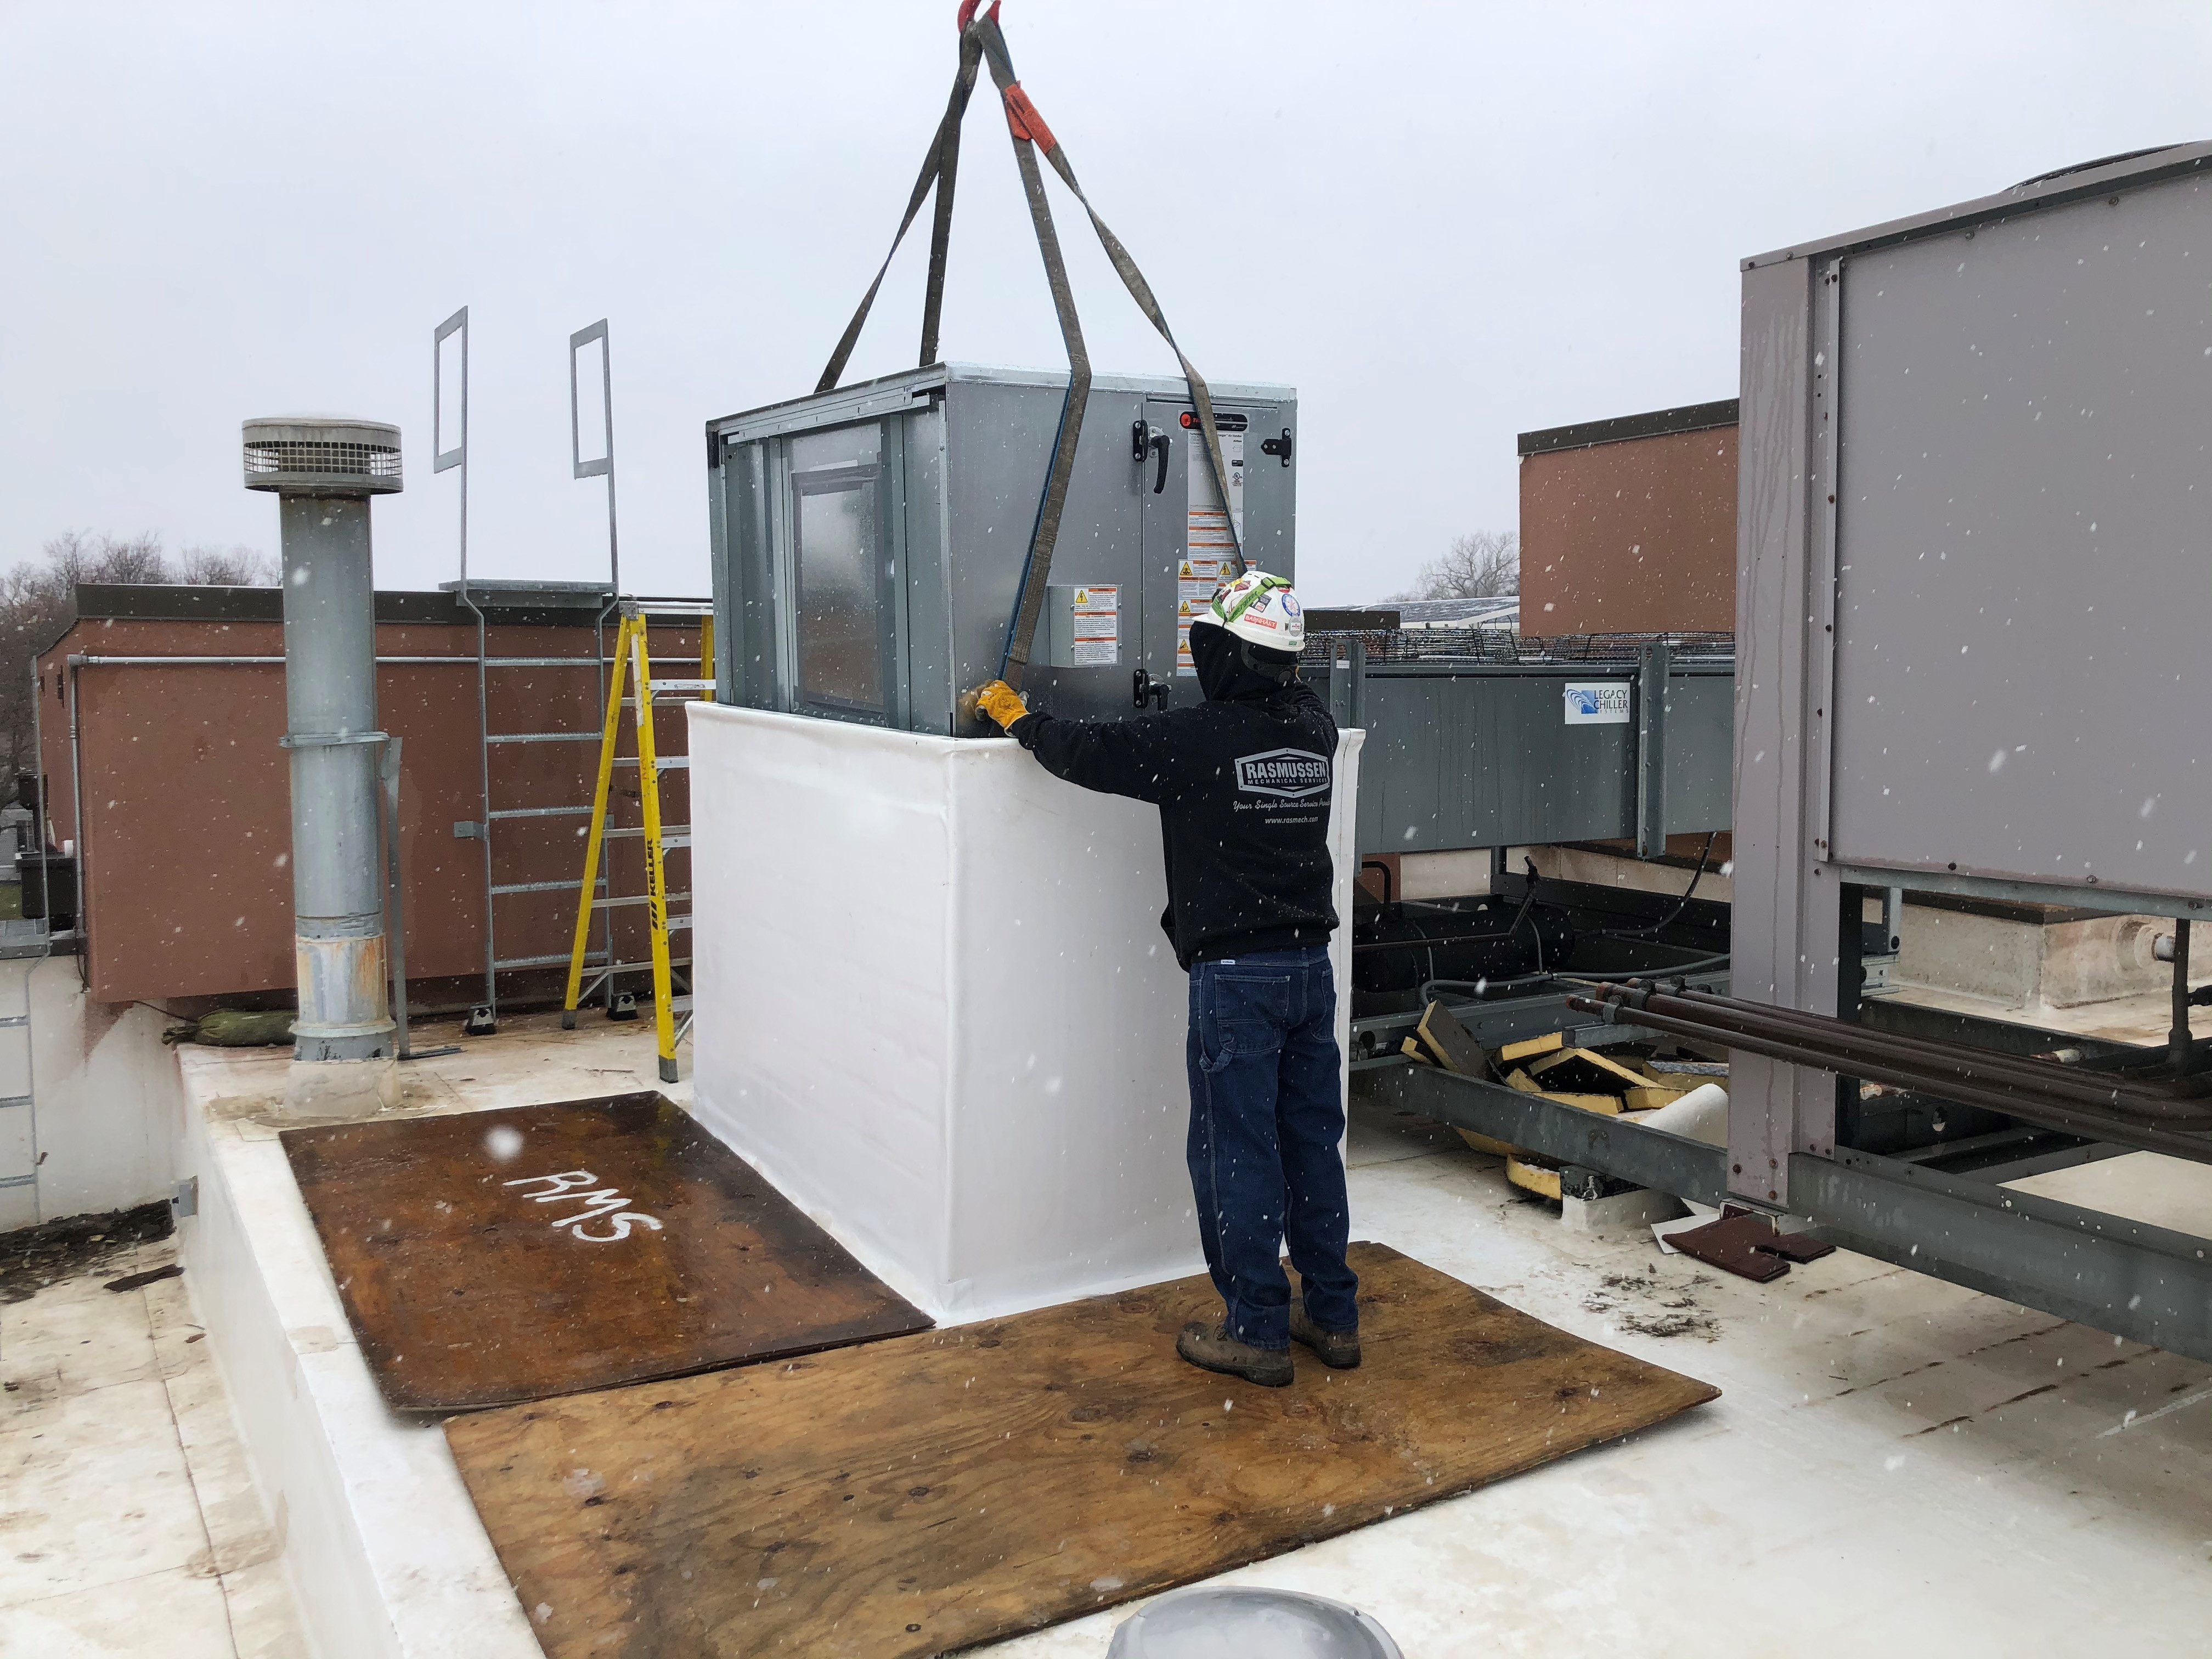 Lowering AHU through rooftop opening